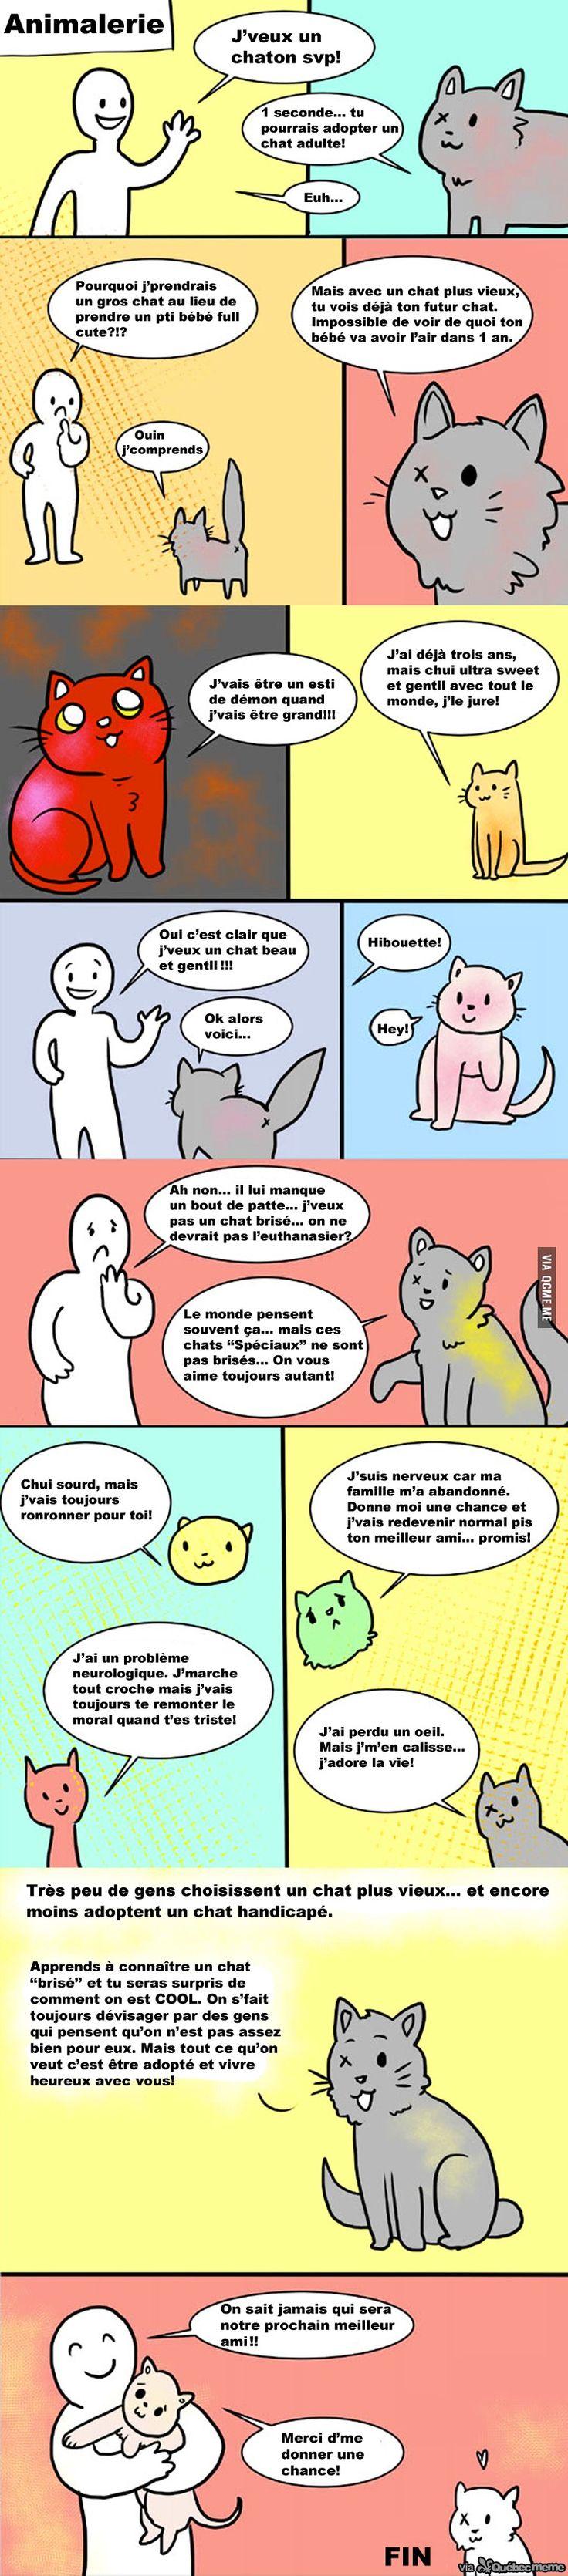 Tout le monde doit lire CECI avant d'adopter un chat. Je confirme. Que du bonheur